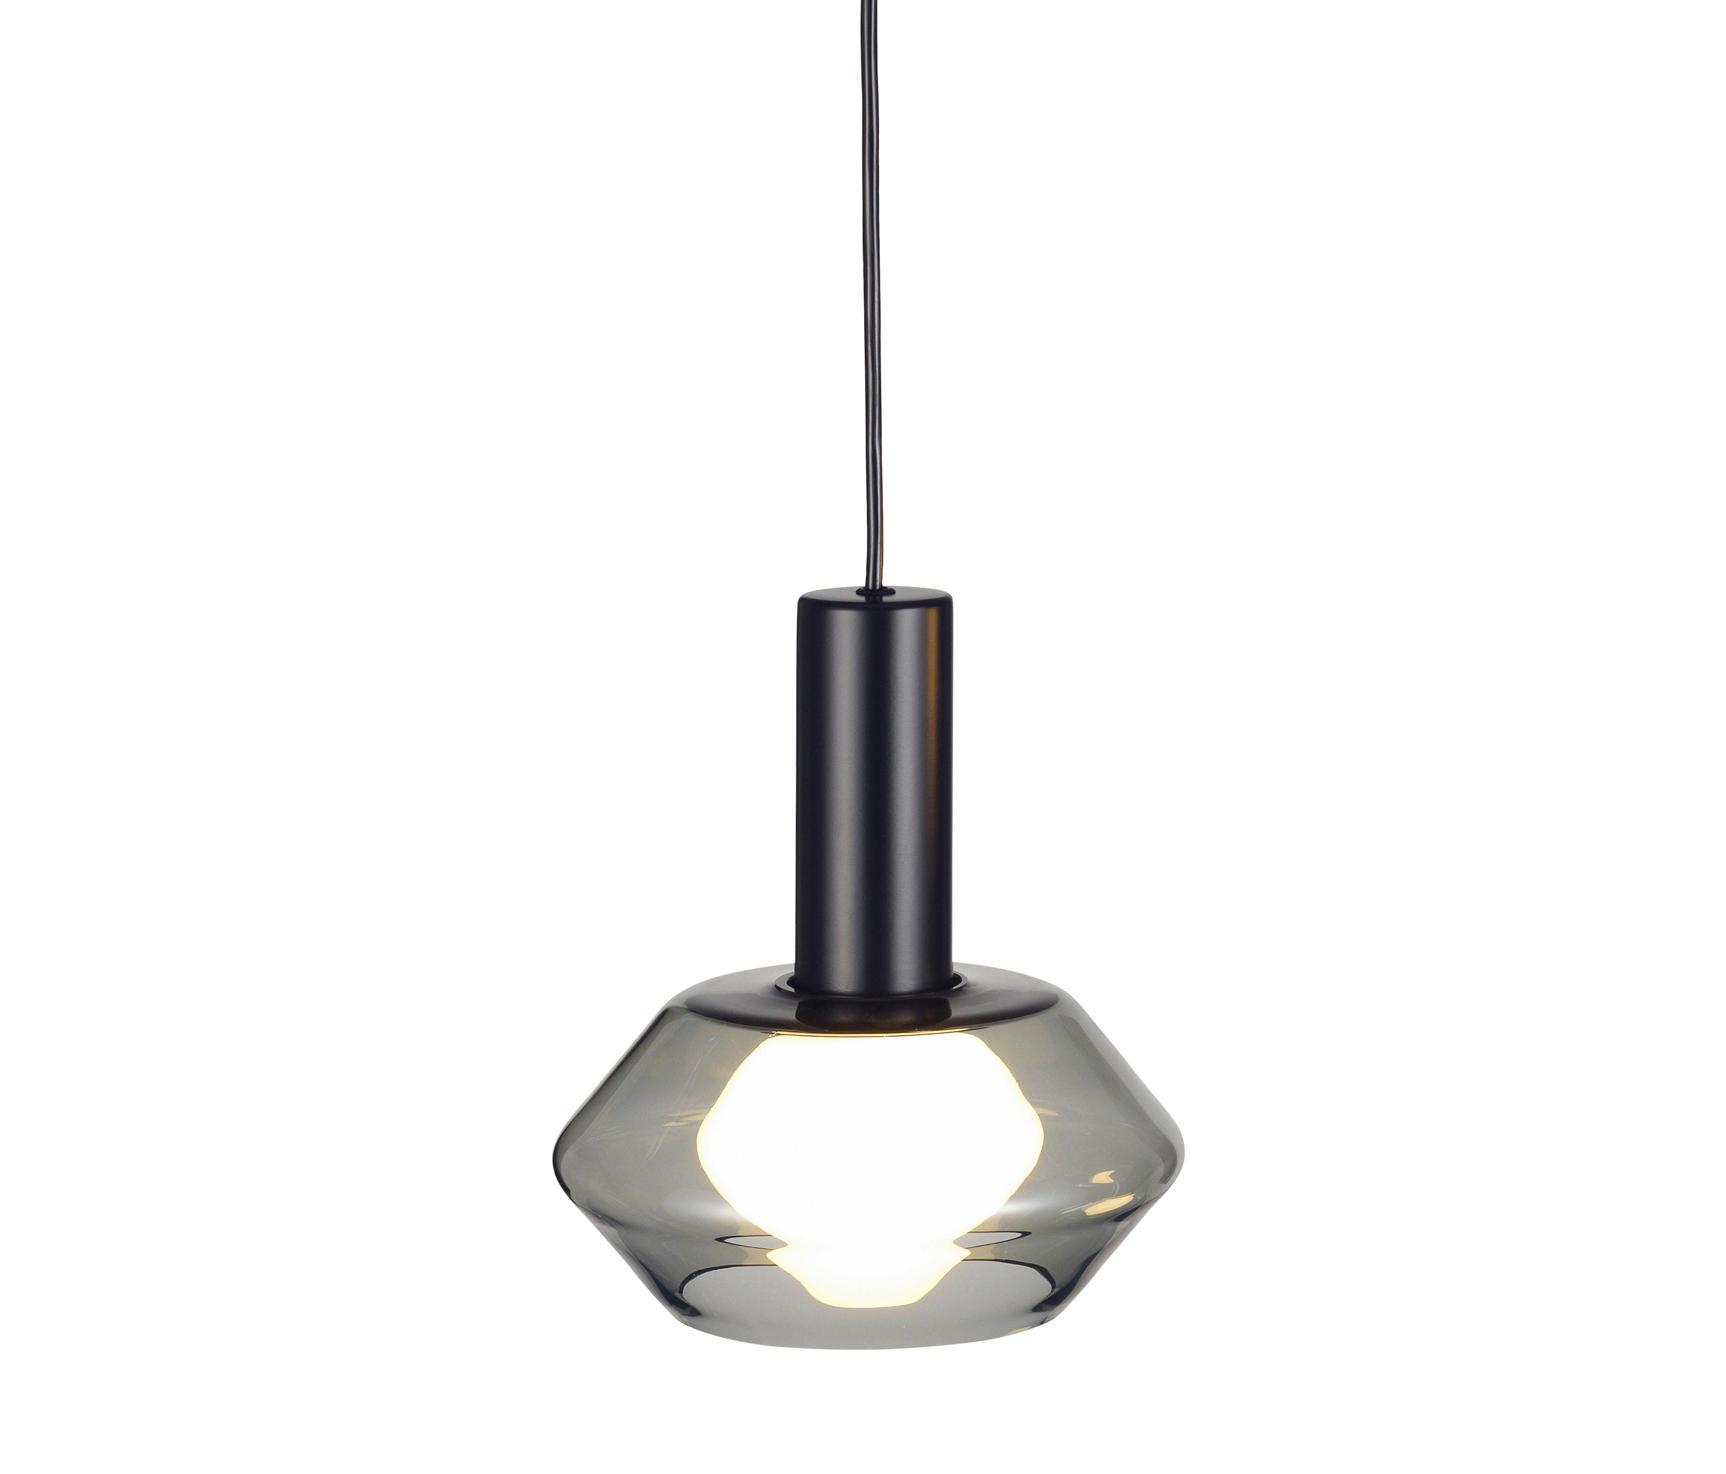 pendant lamp tw  general lighting from artek  architonic -  pendant lamp tw by artek  general lighting